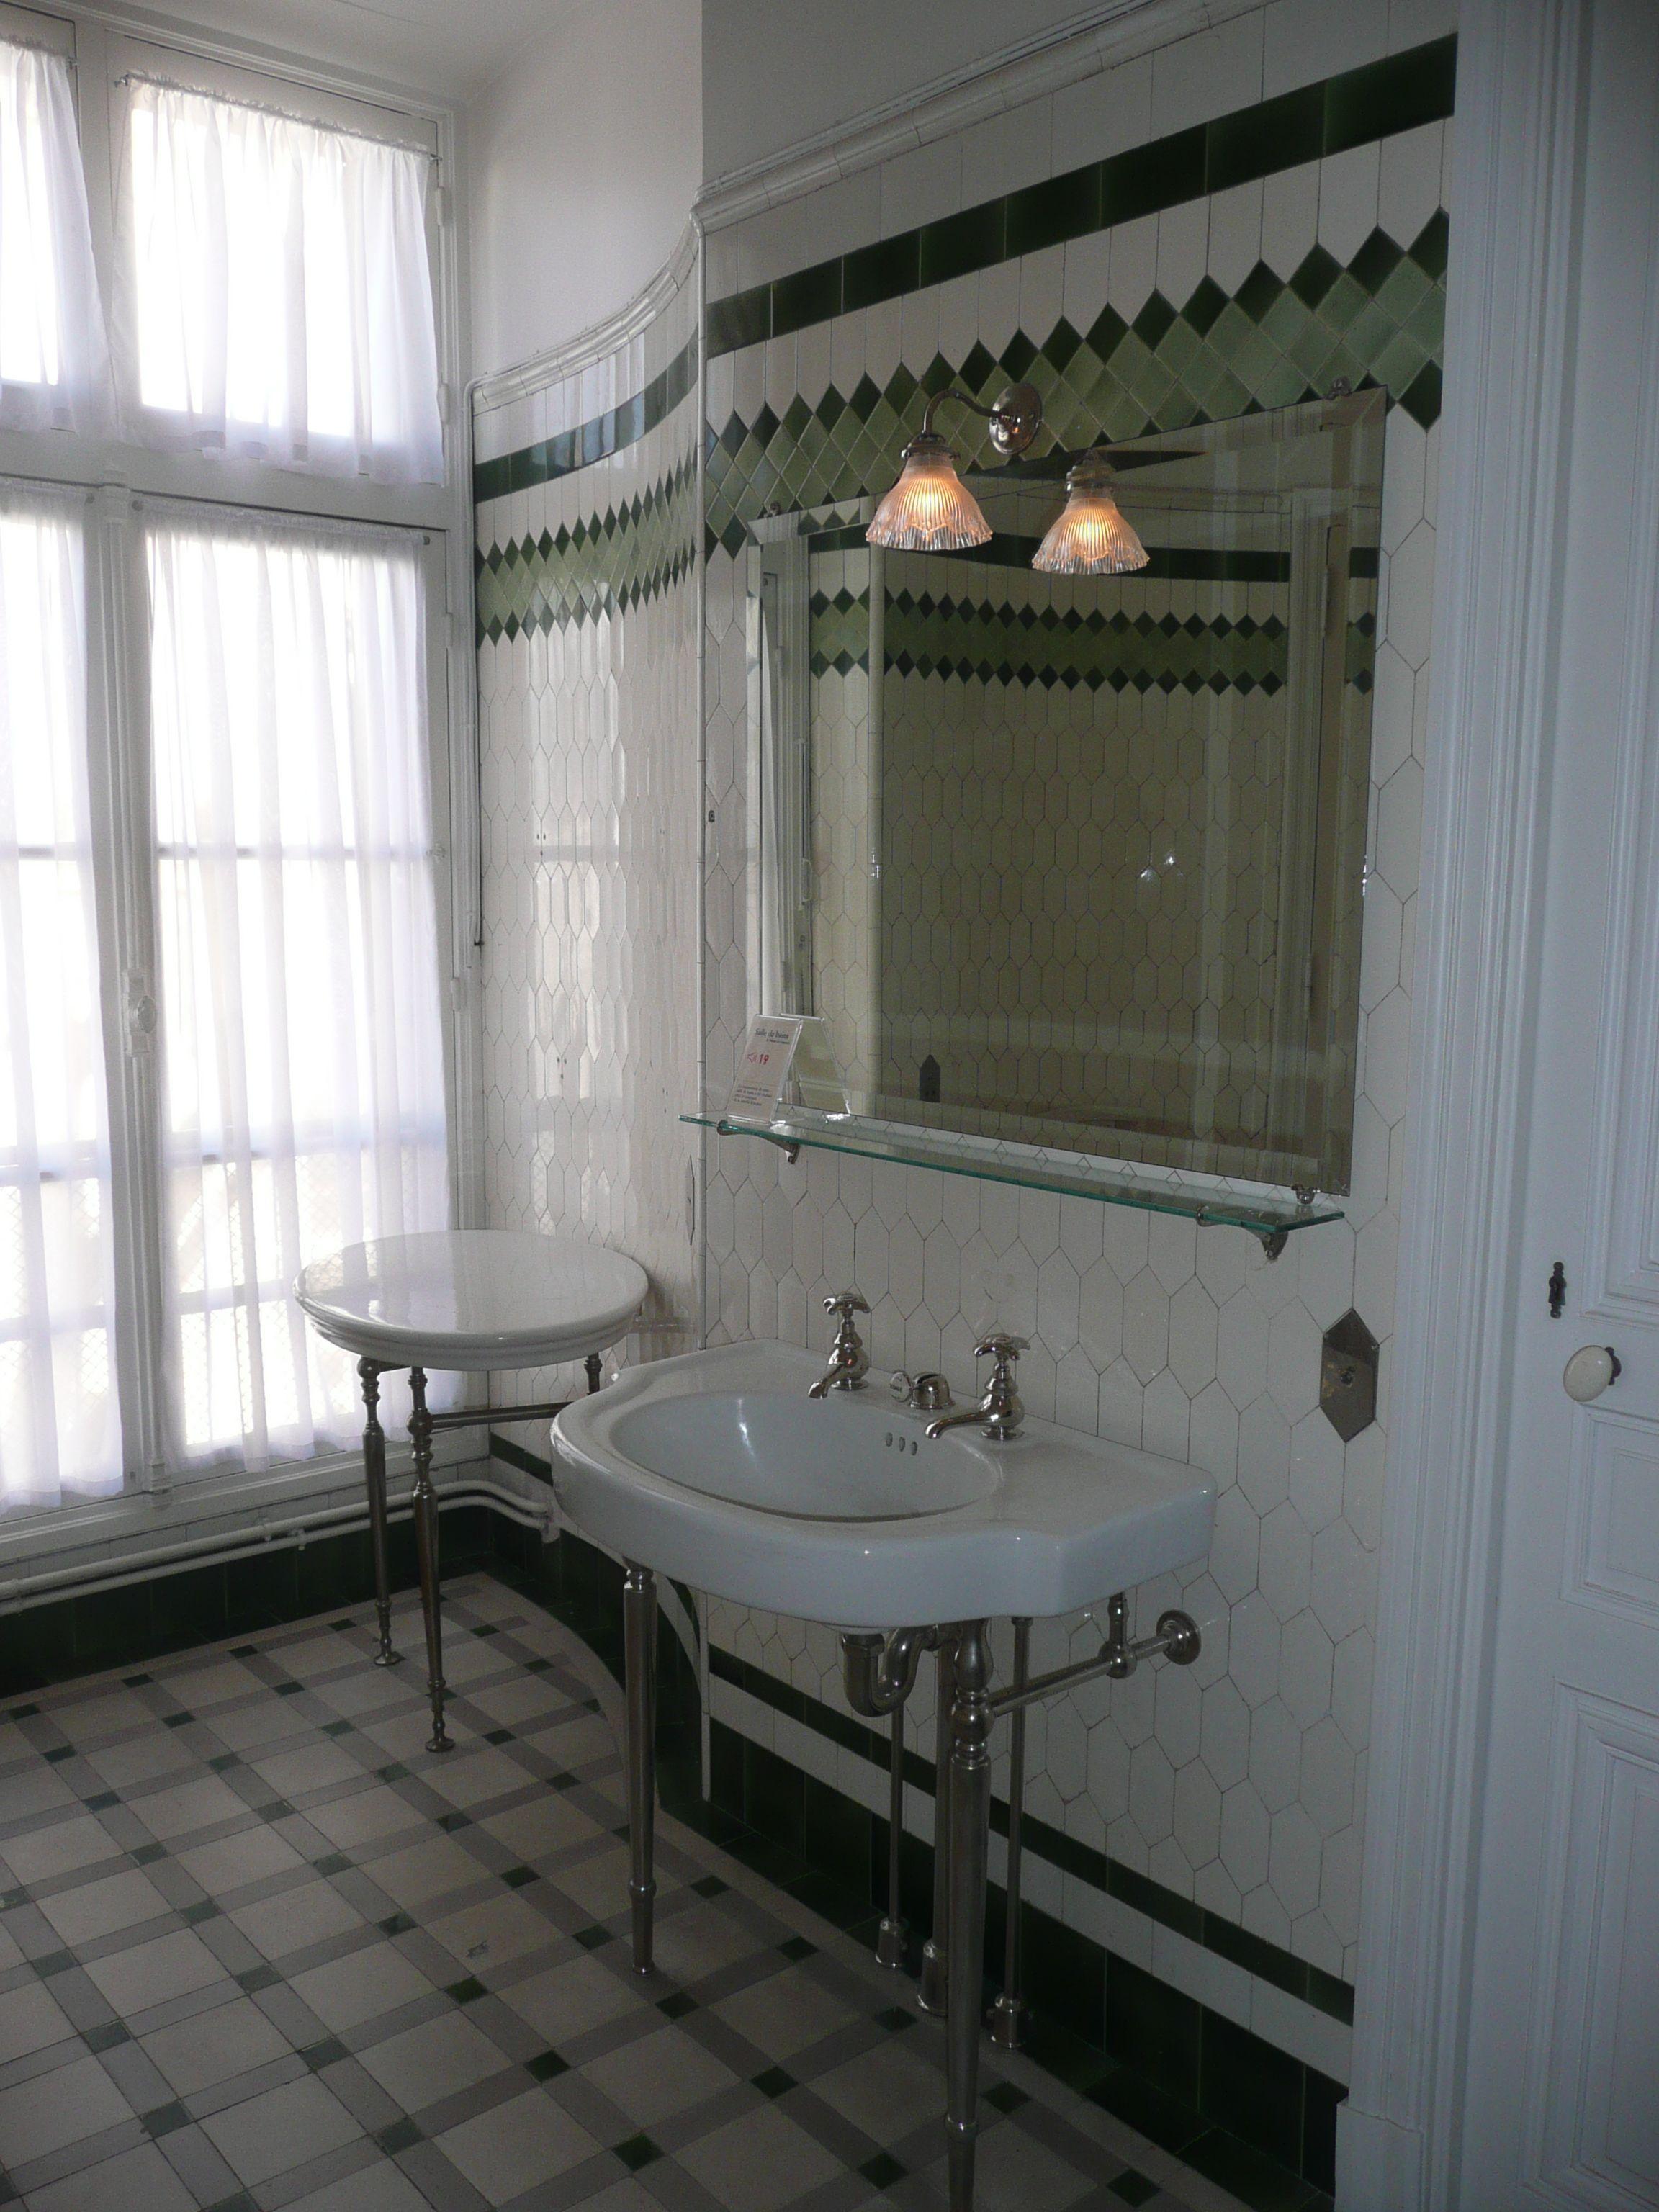 Les salles de bains du Musée Nissim de Camondo